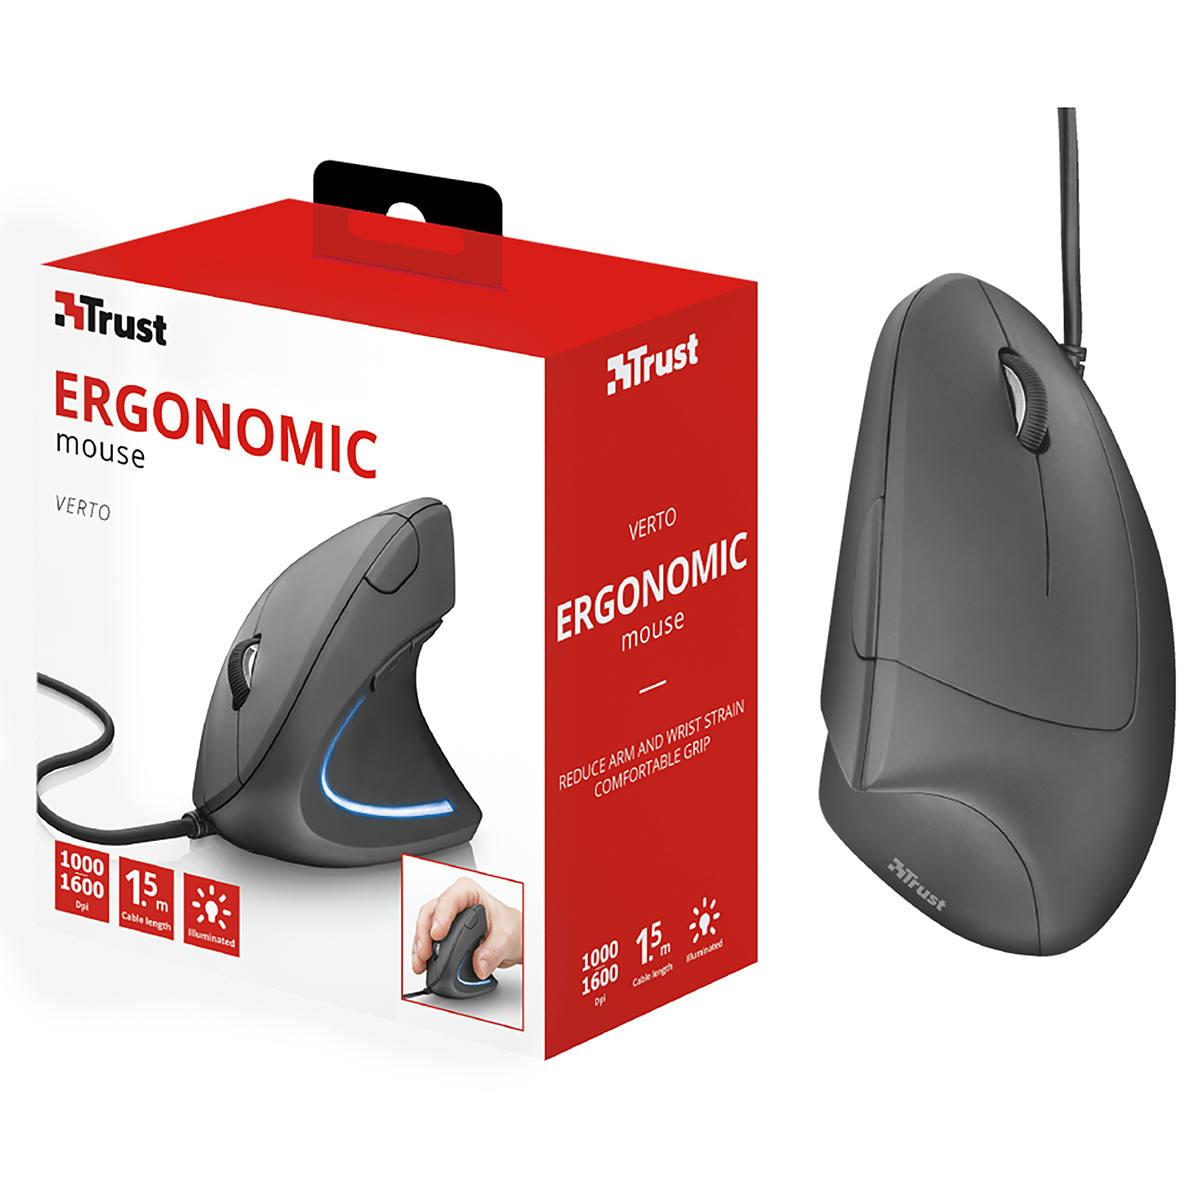 Mouse Ergonômico Vertical com Fio USB Reduz Tensões no Braço/Pulso e Apoio para Polegar Trust Verto